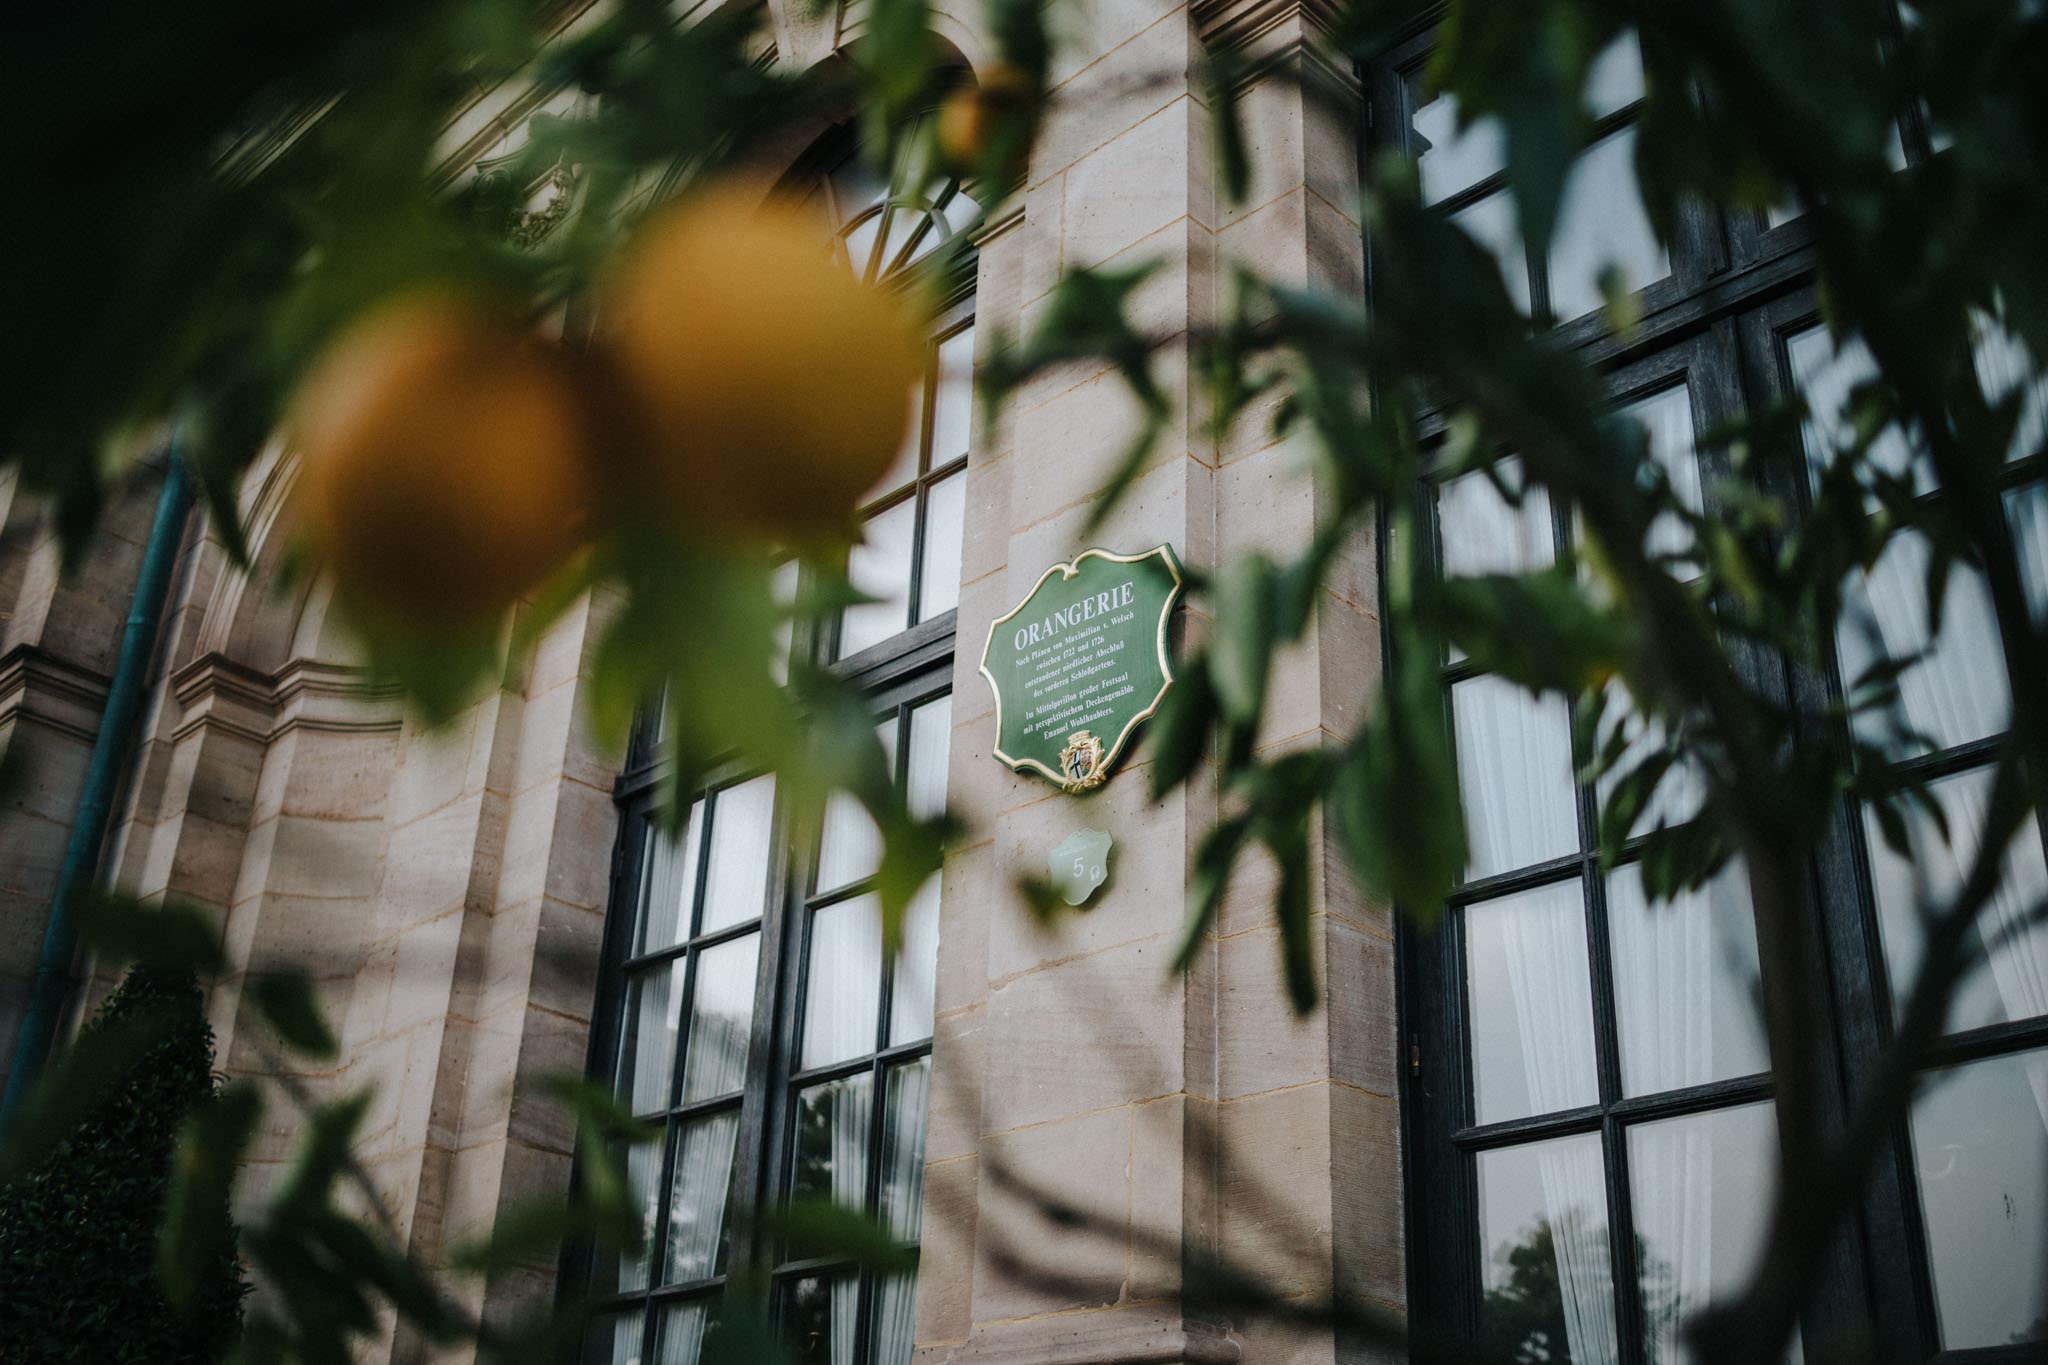 Orangerie in Fulda